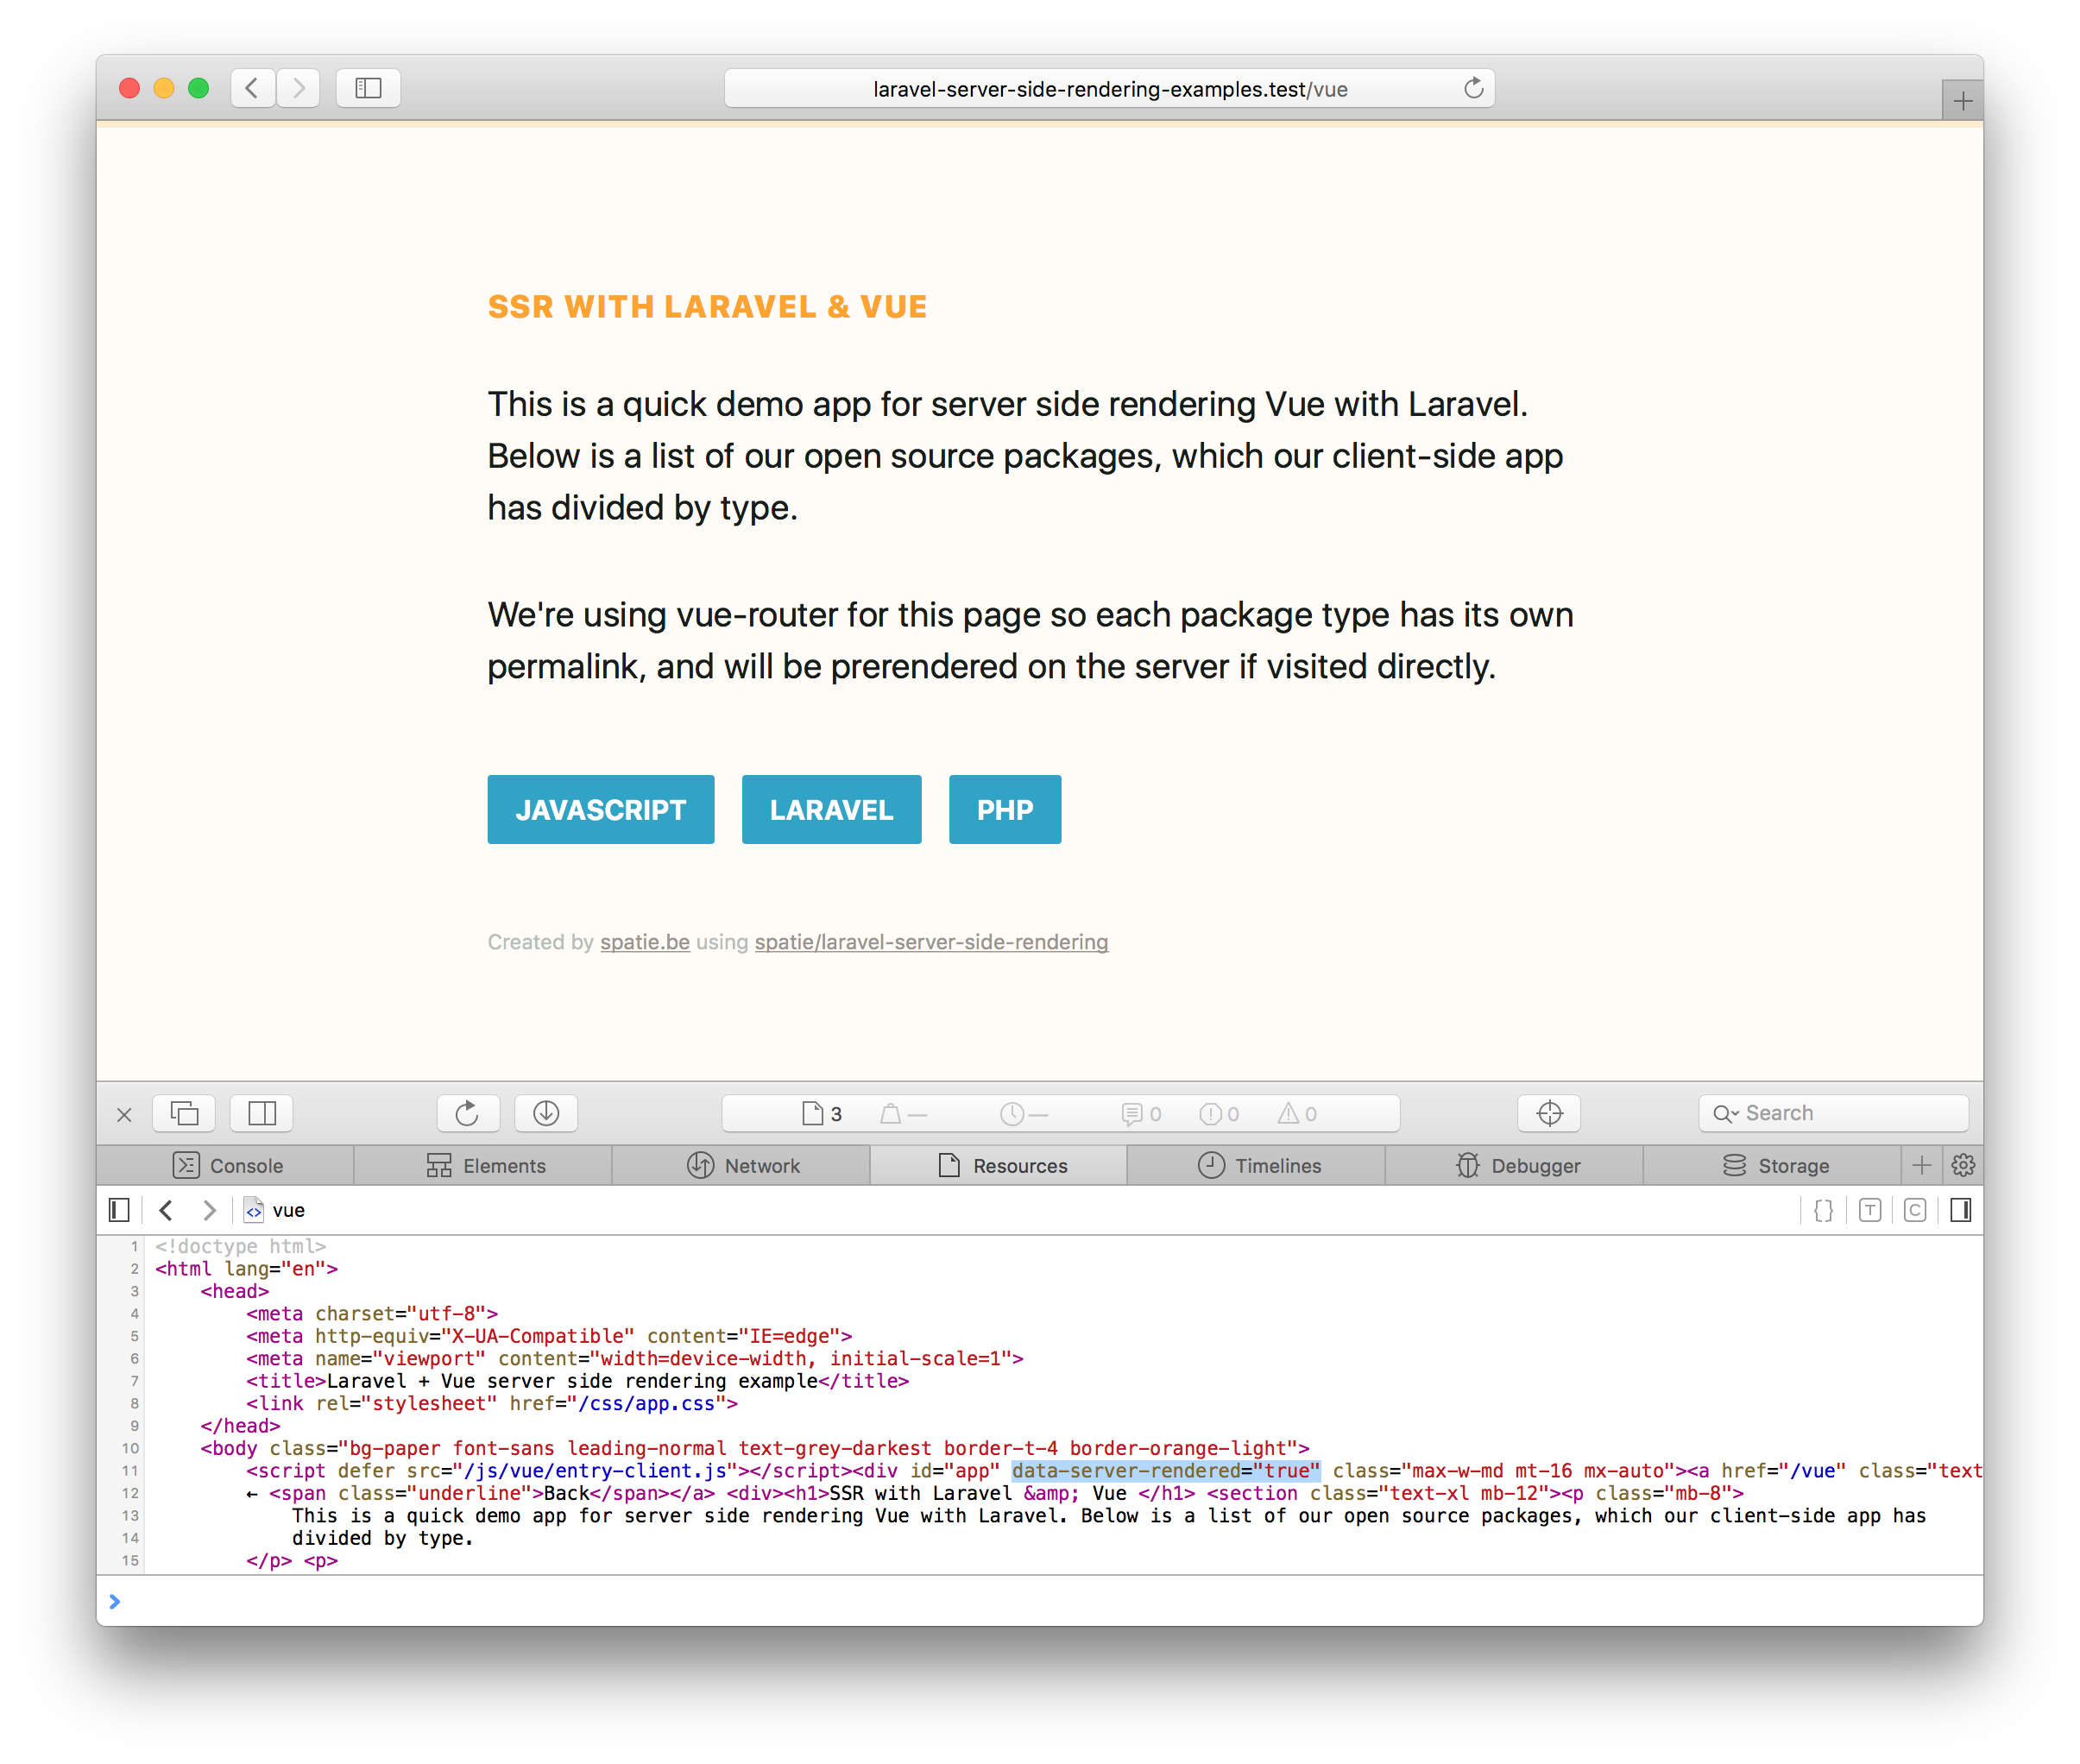 GitHub - spatie/laravel-server-side-rendering-examples